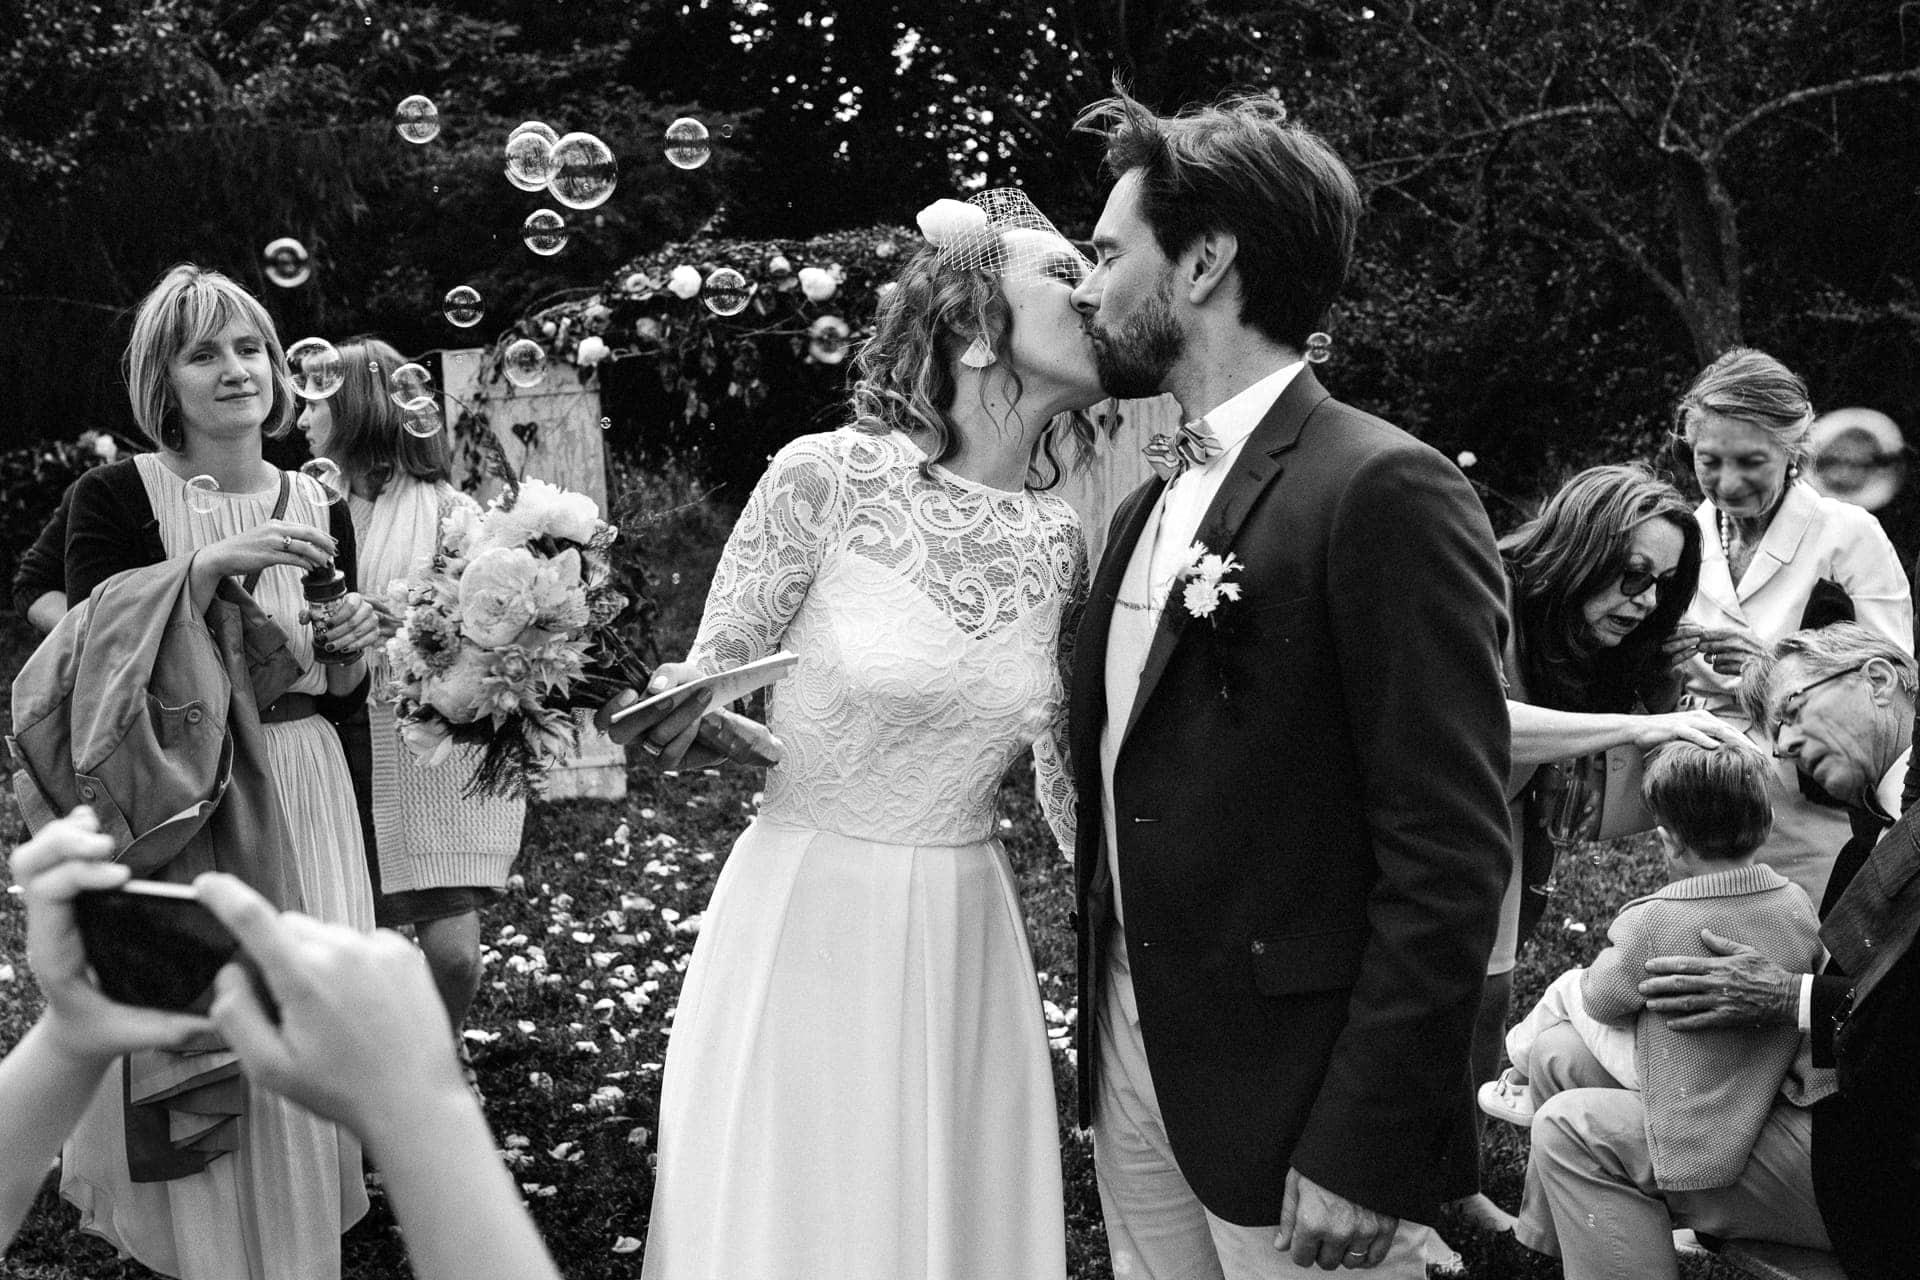 Le baiser des mariés à la fin d'une cérémonie laïque en plein air par Ernestine et sa famille photographe de mariage à l'approche reportage